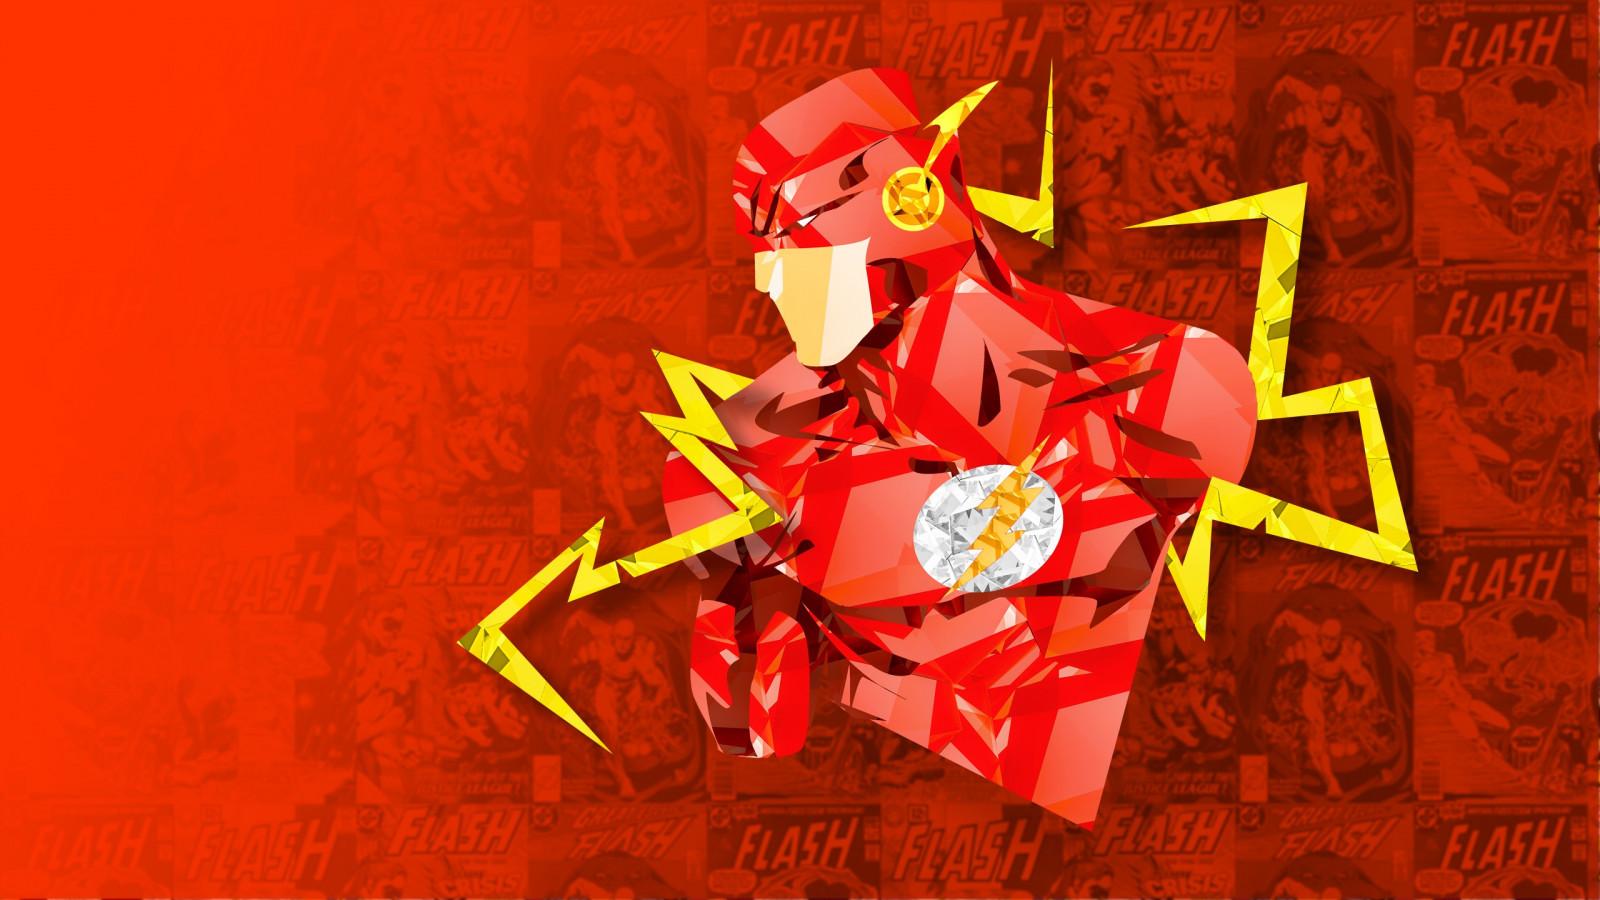 デスクトップ壁紙 図 デジタルアート 赤 Dcコミック フラッシュ